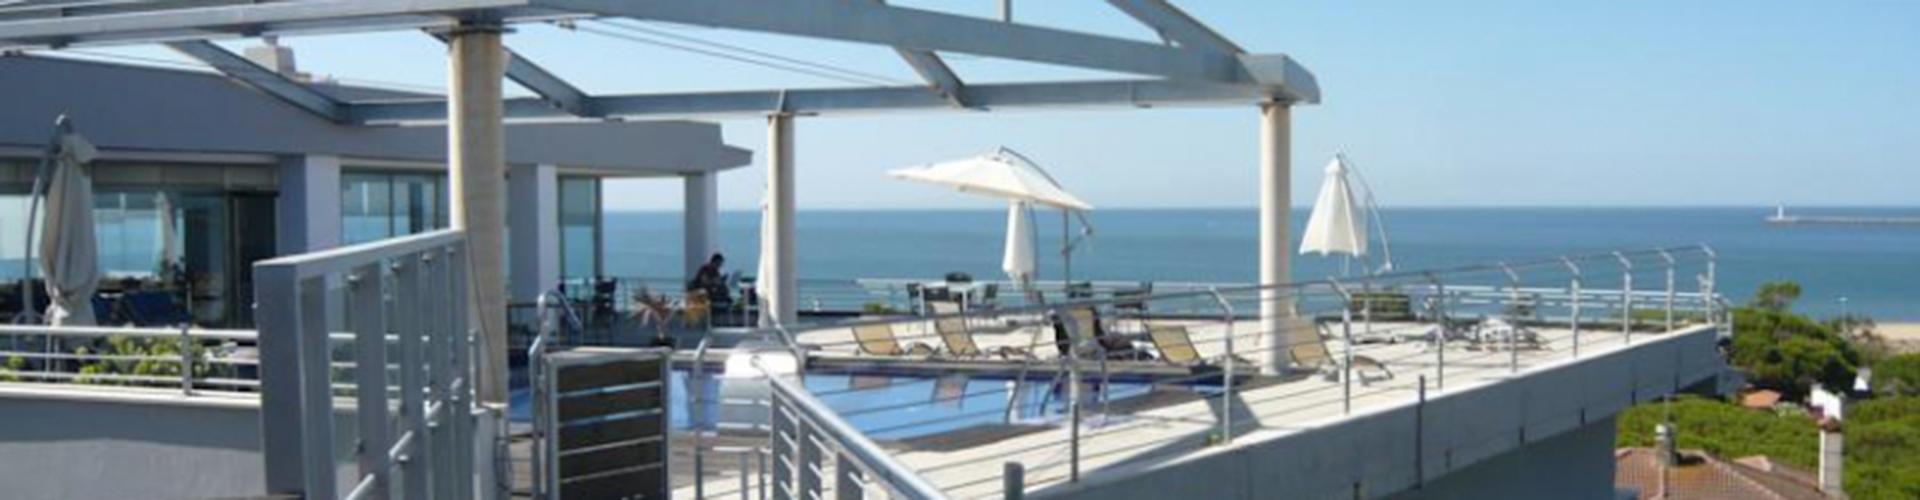 Hotel Mazagonia. Terraza y piscina, con vistas al mar.